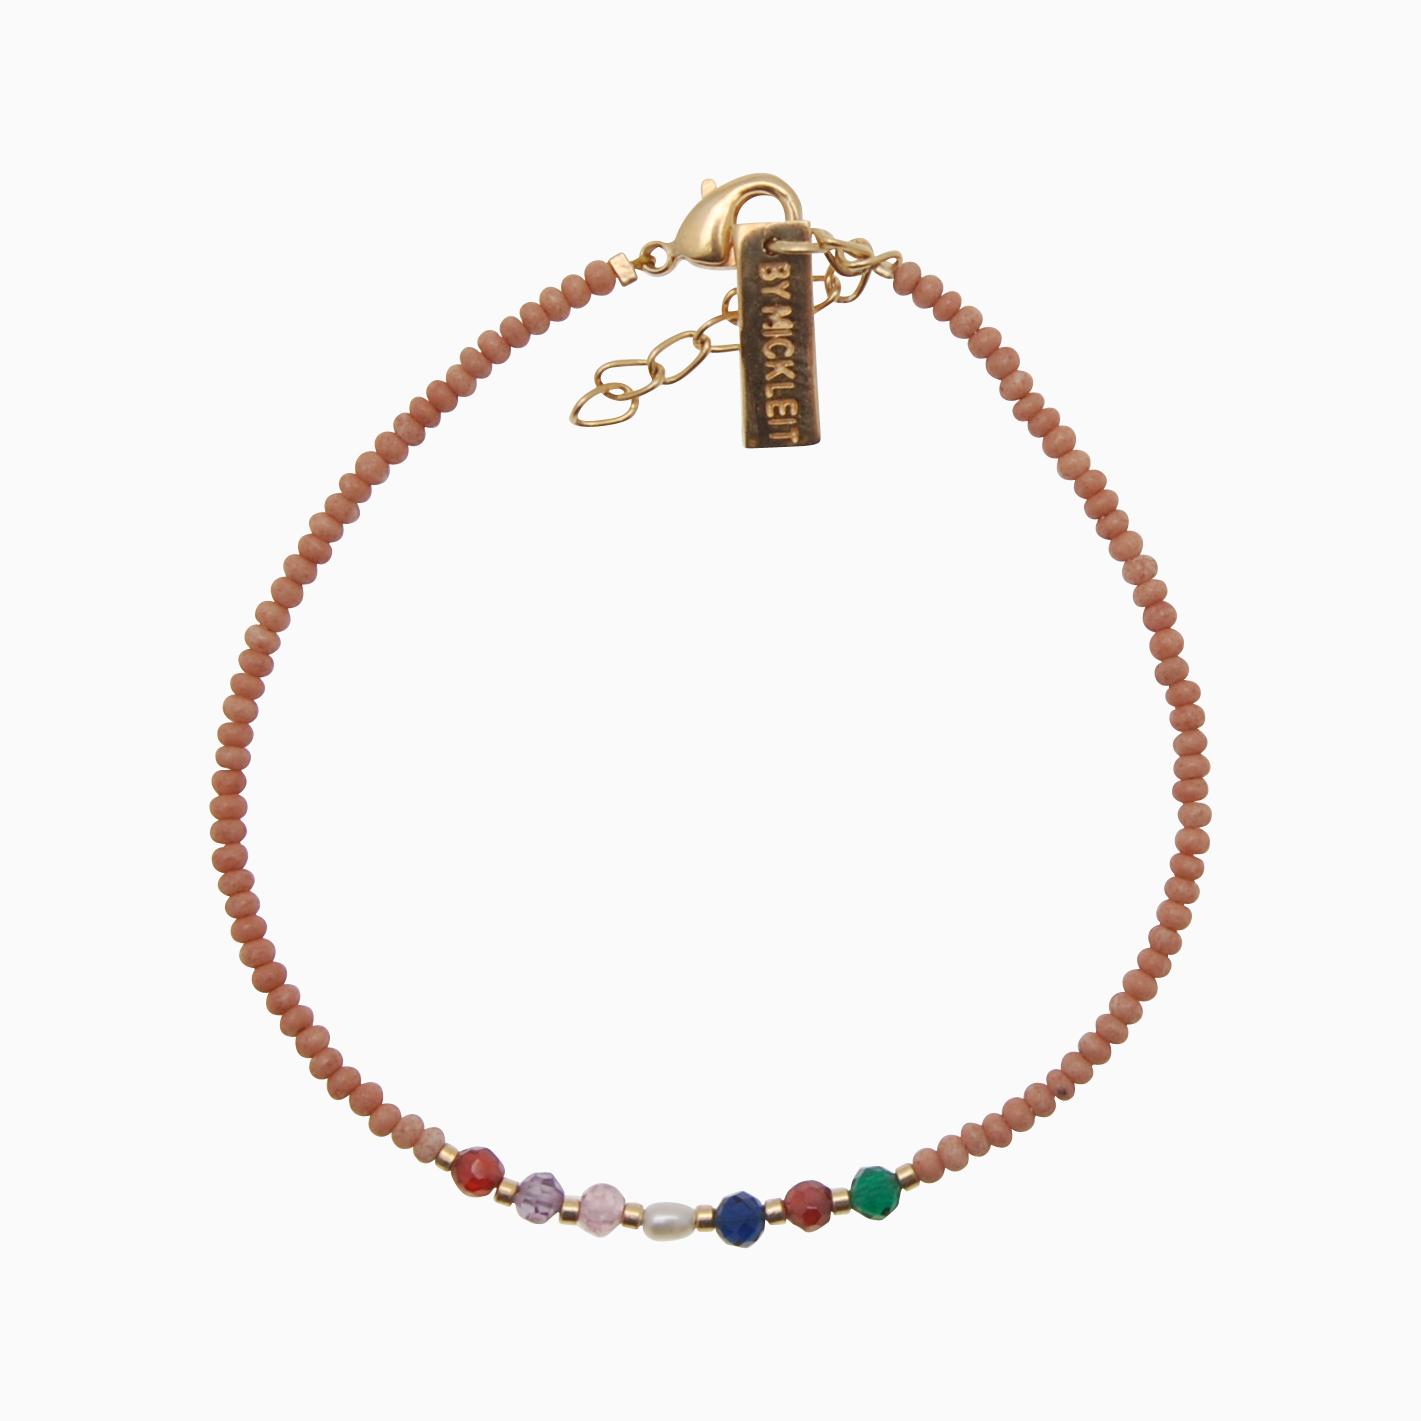 ByMickleit Vævet armbånd med perler, brun | no. 40 | Cassandra